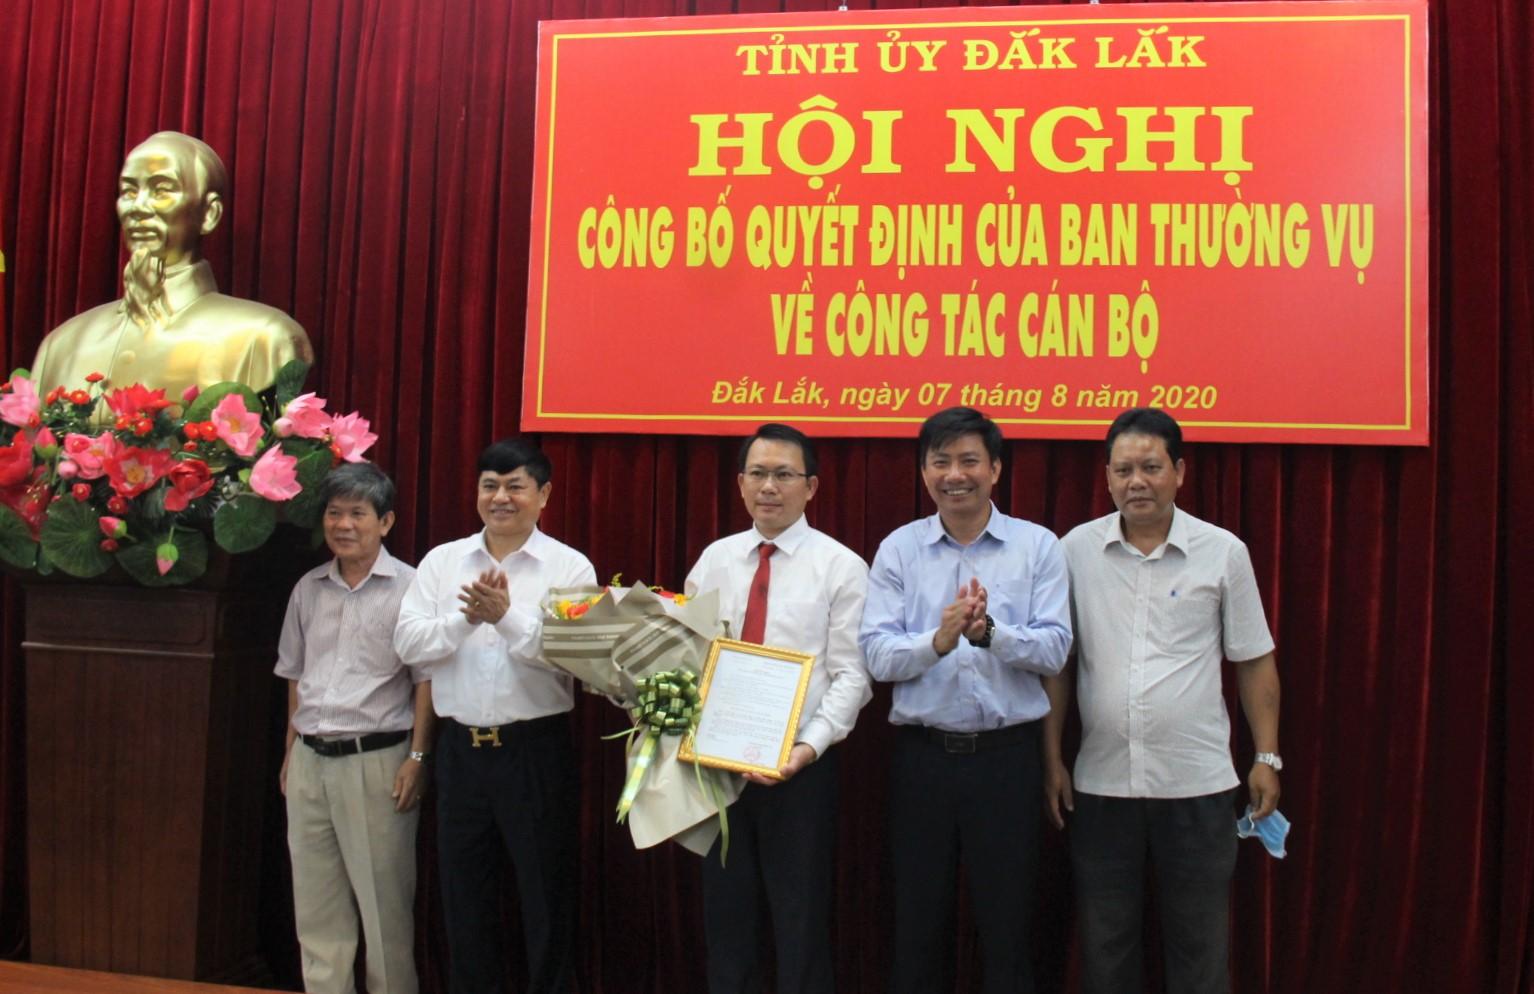 Công bố Quyết định bổ nhiệm Phó Chánh Văn phòng Tỉnh ủy